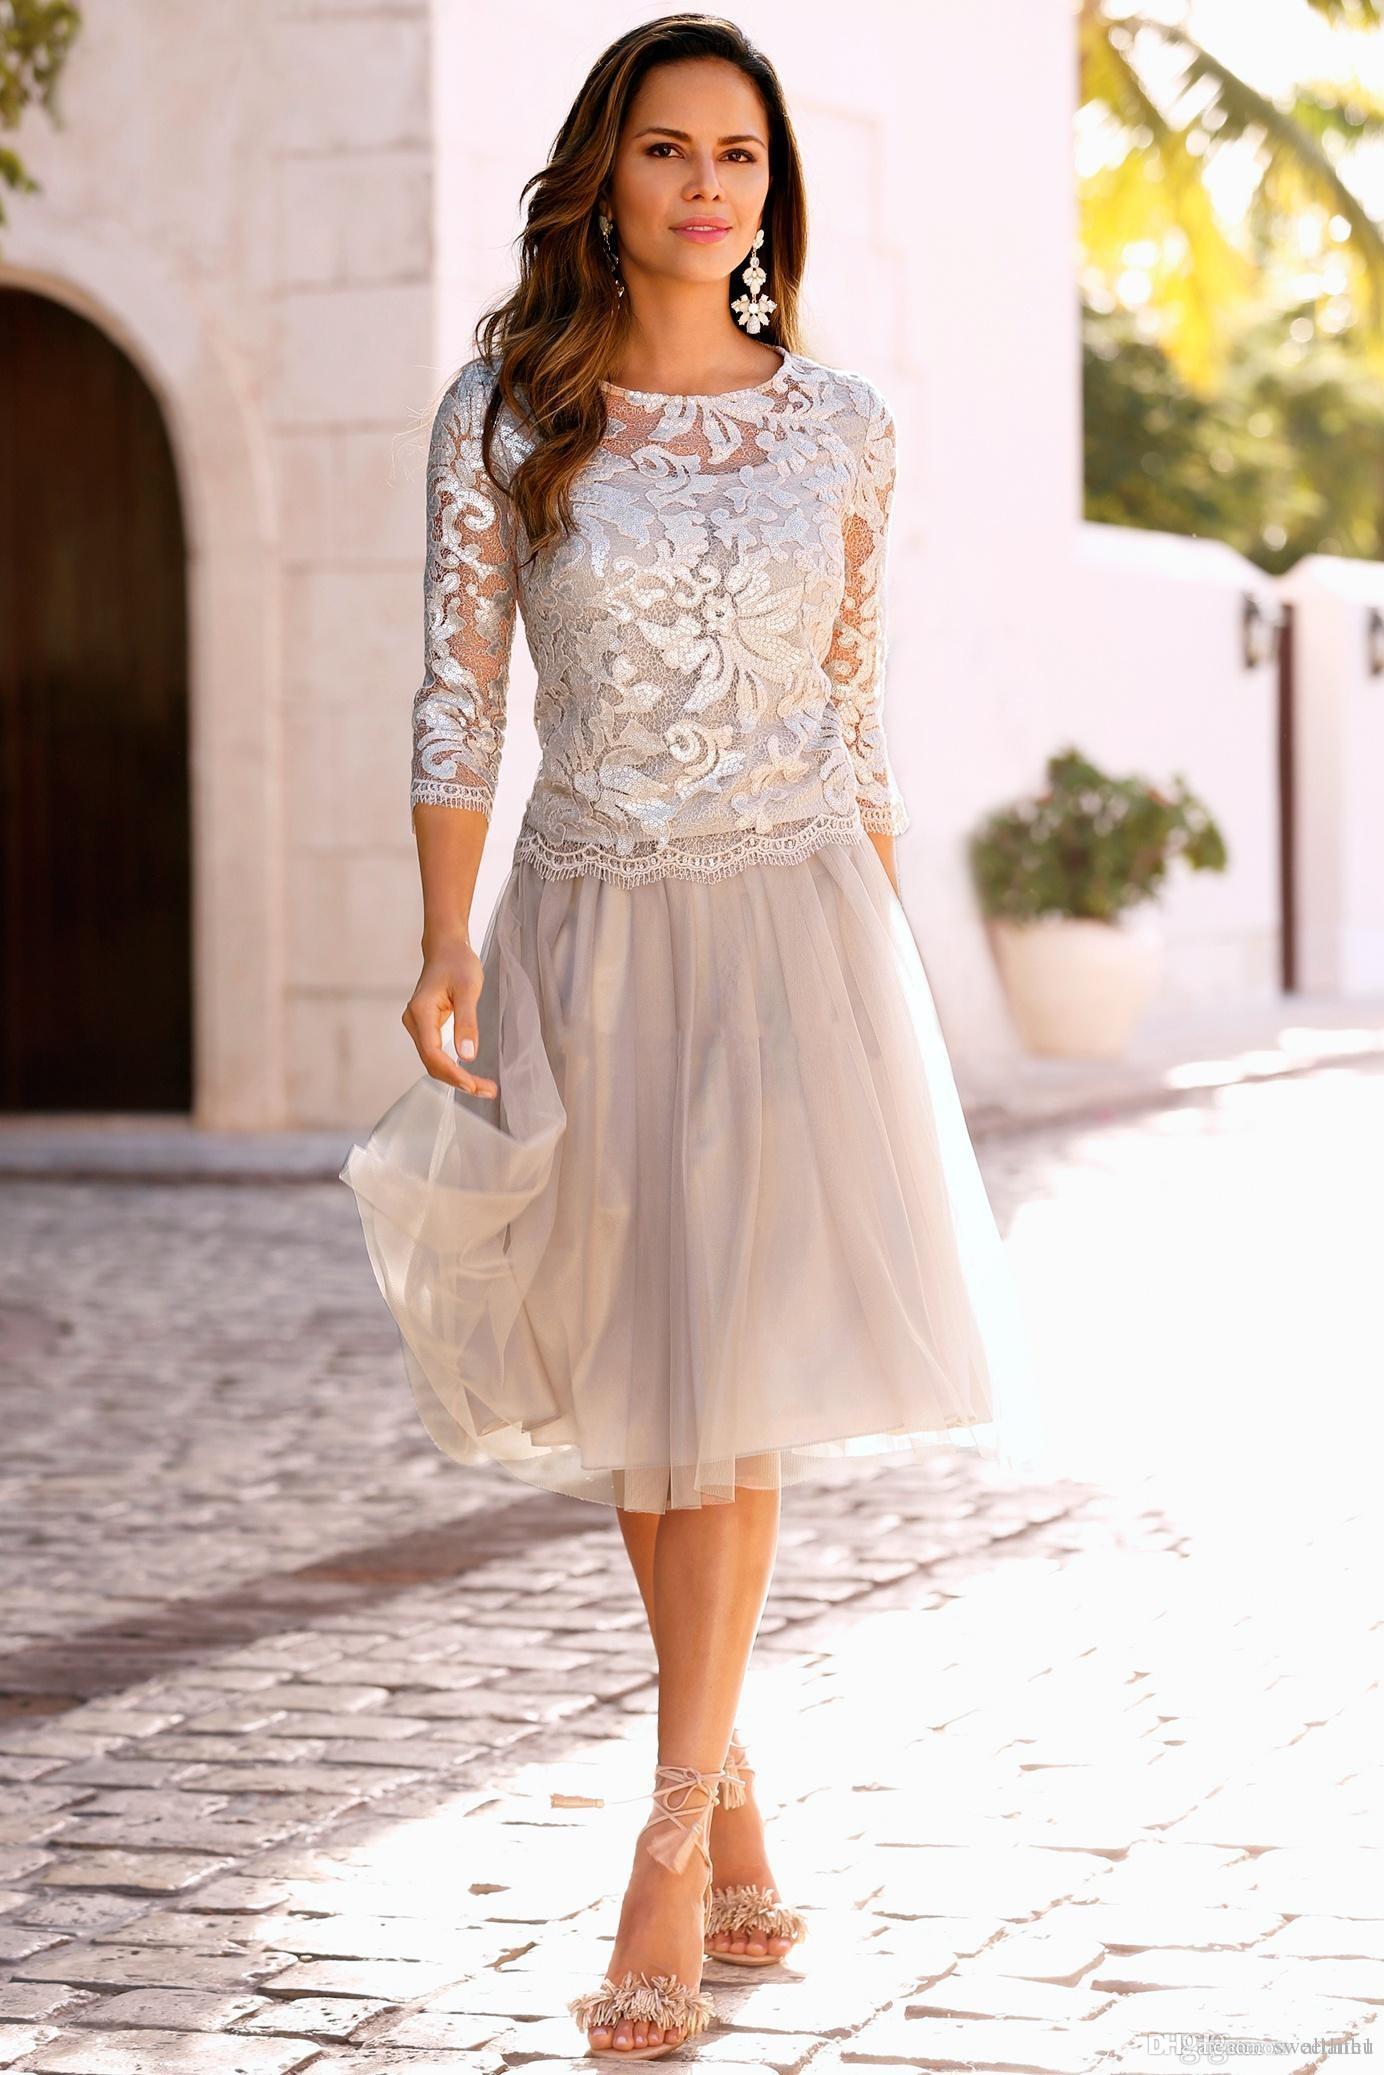 5ee335d0313c5 Satın Al 2017 Yeni Kısa Anne Gelin Elbiseler Dantel Tül Diz Boyu 3/4 Uzun  Kollu Anne Gelin Elbiseler Kısa Gelinlik Modelleri, $90.46   DHgate.Com'da